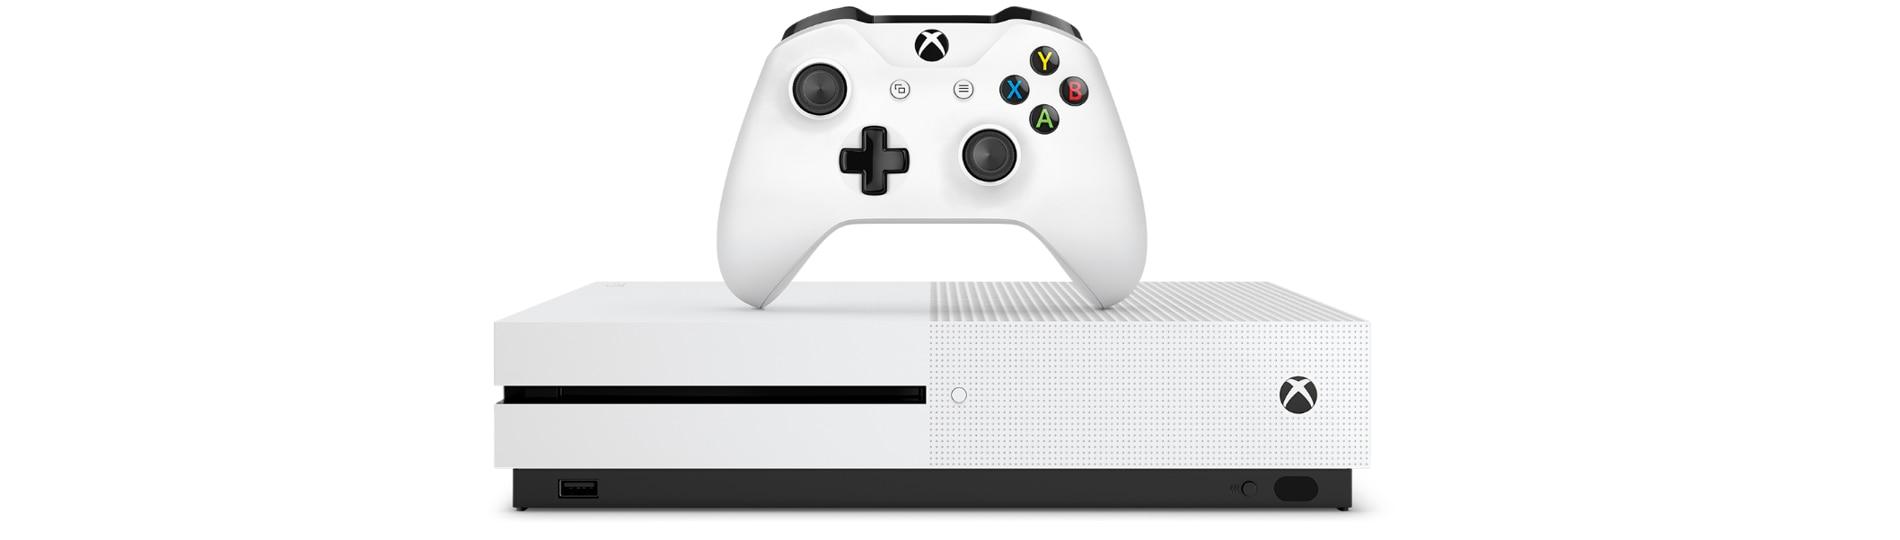 Vista frontal de una consola Xbox One S y un mando